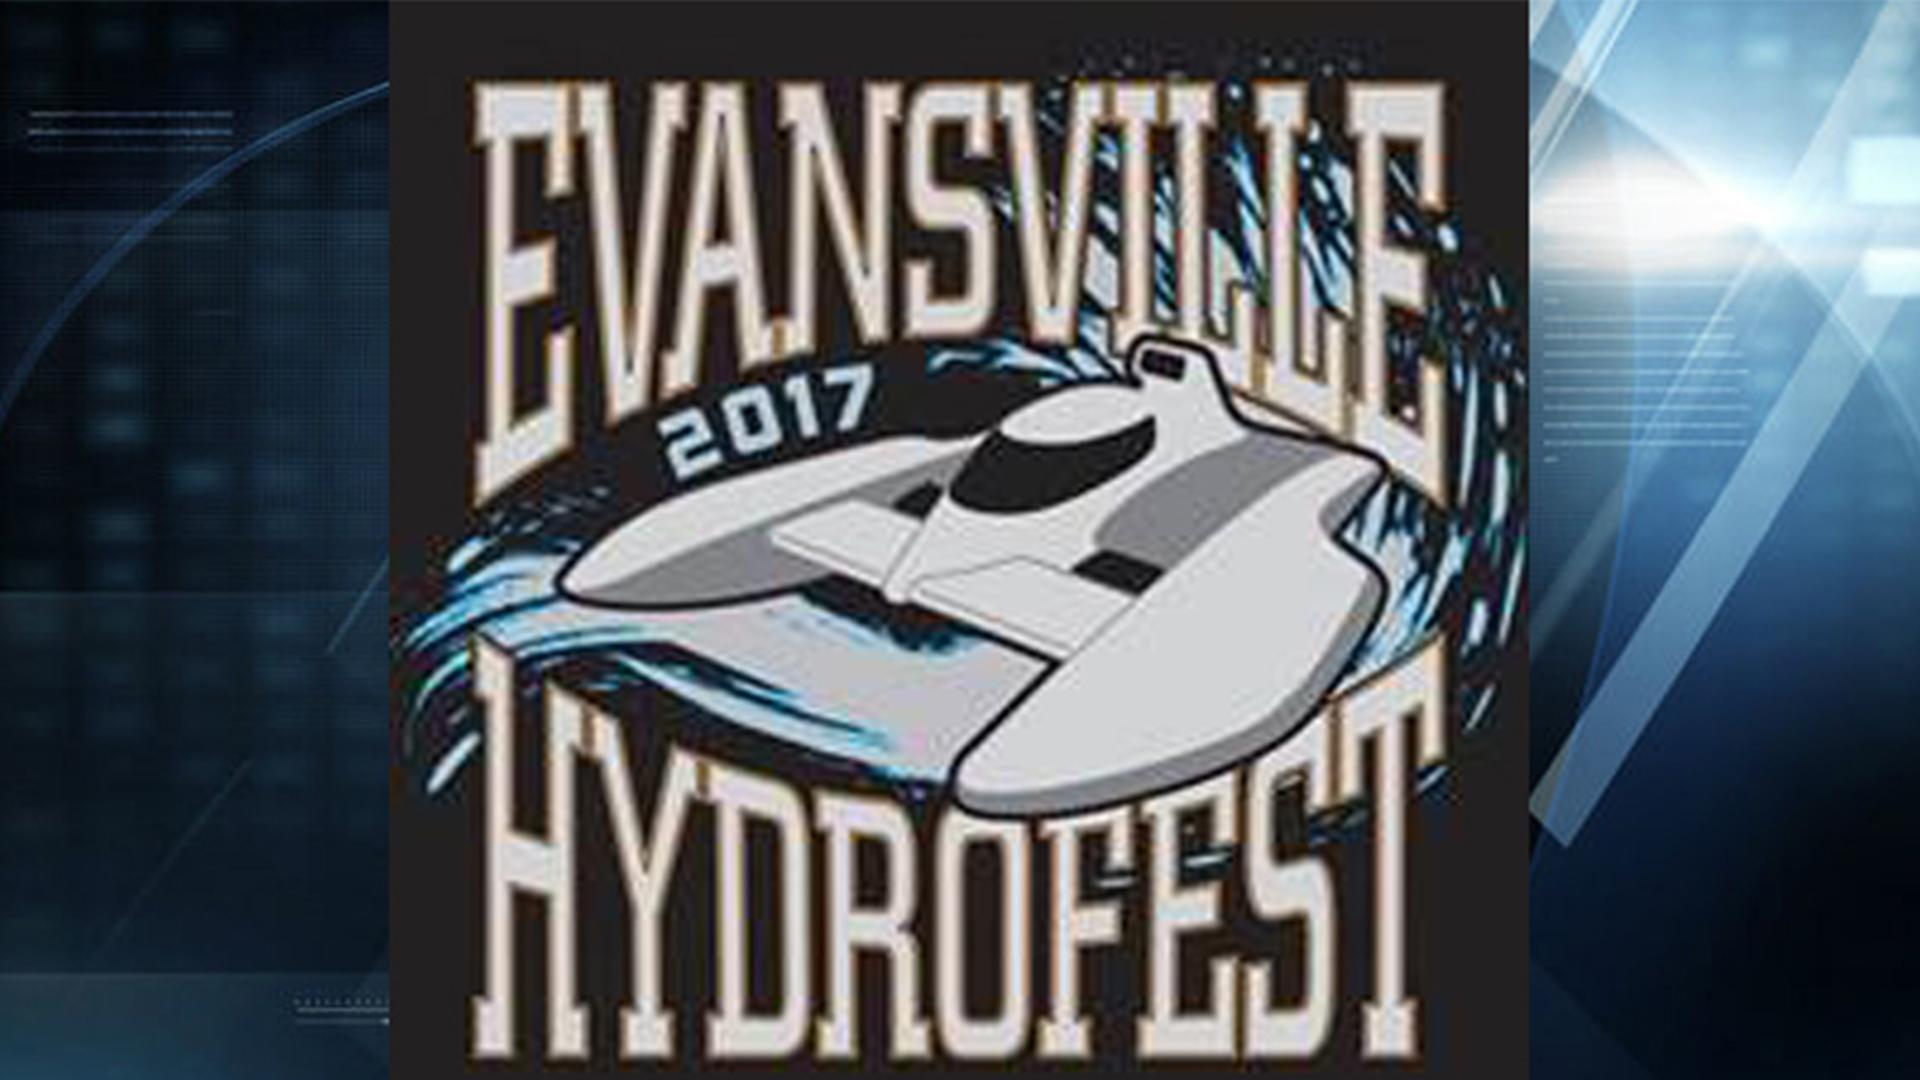 2MON Evansville Hydrofest 2017_1493836841575.jpg